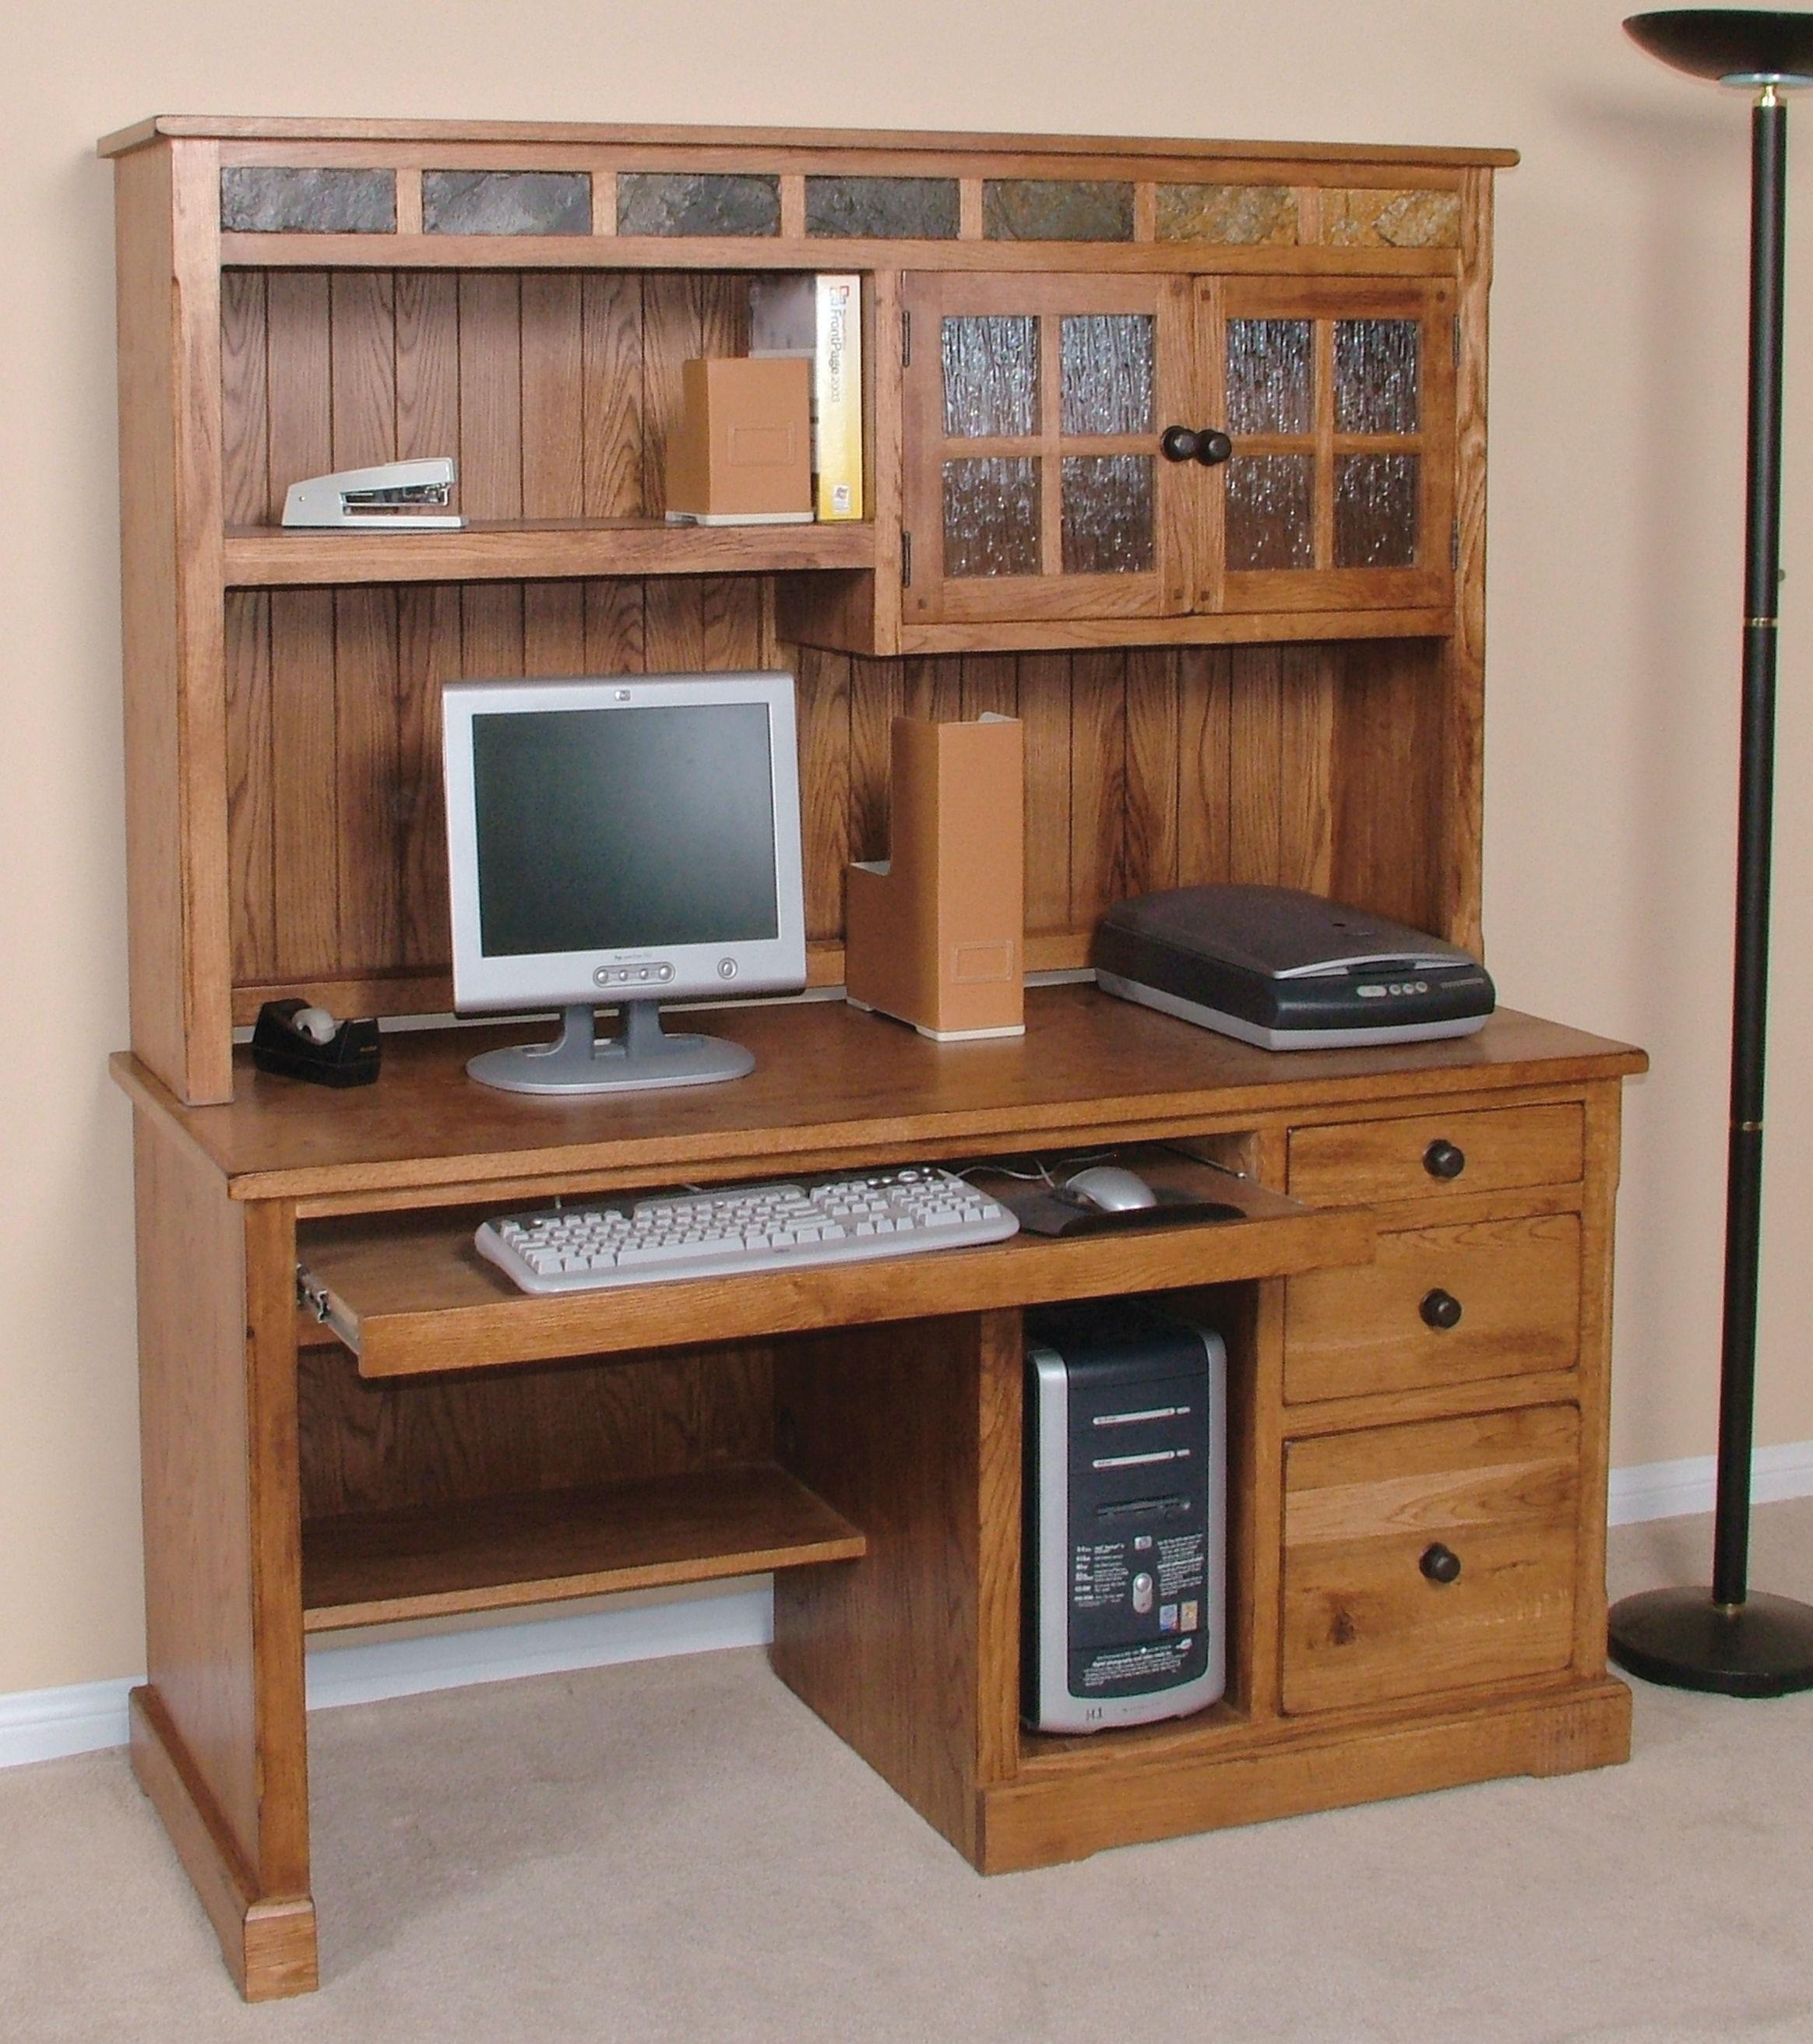 Sunny Designs Home Office Sedona Desk Hutch 2863ro